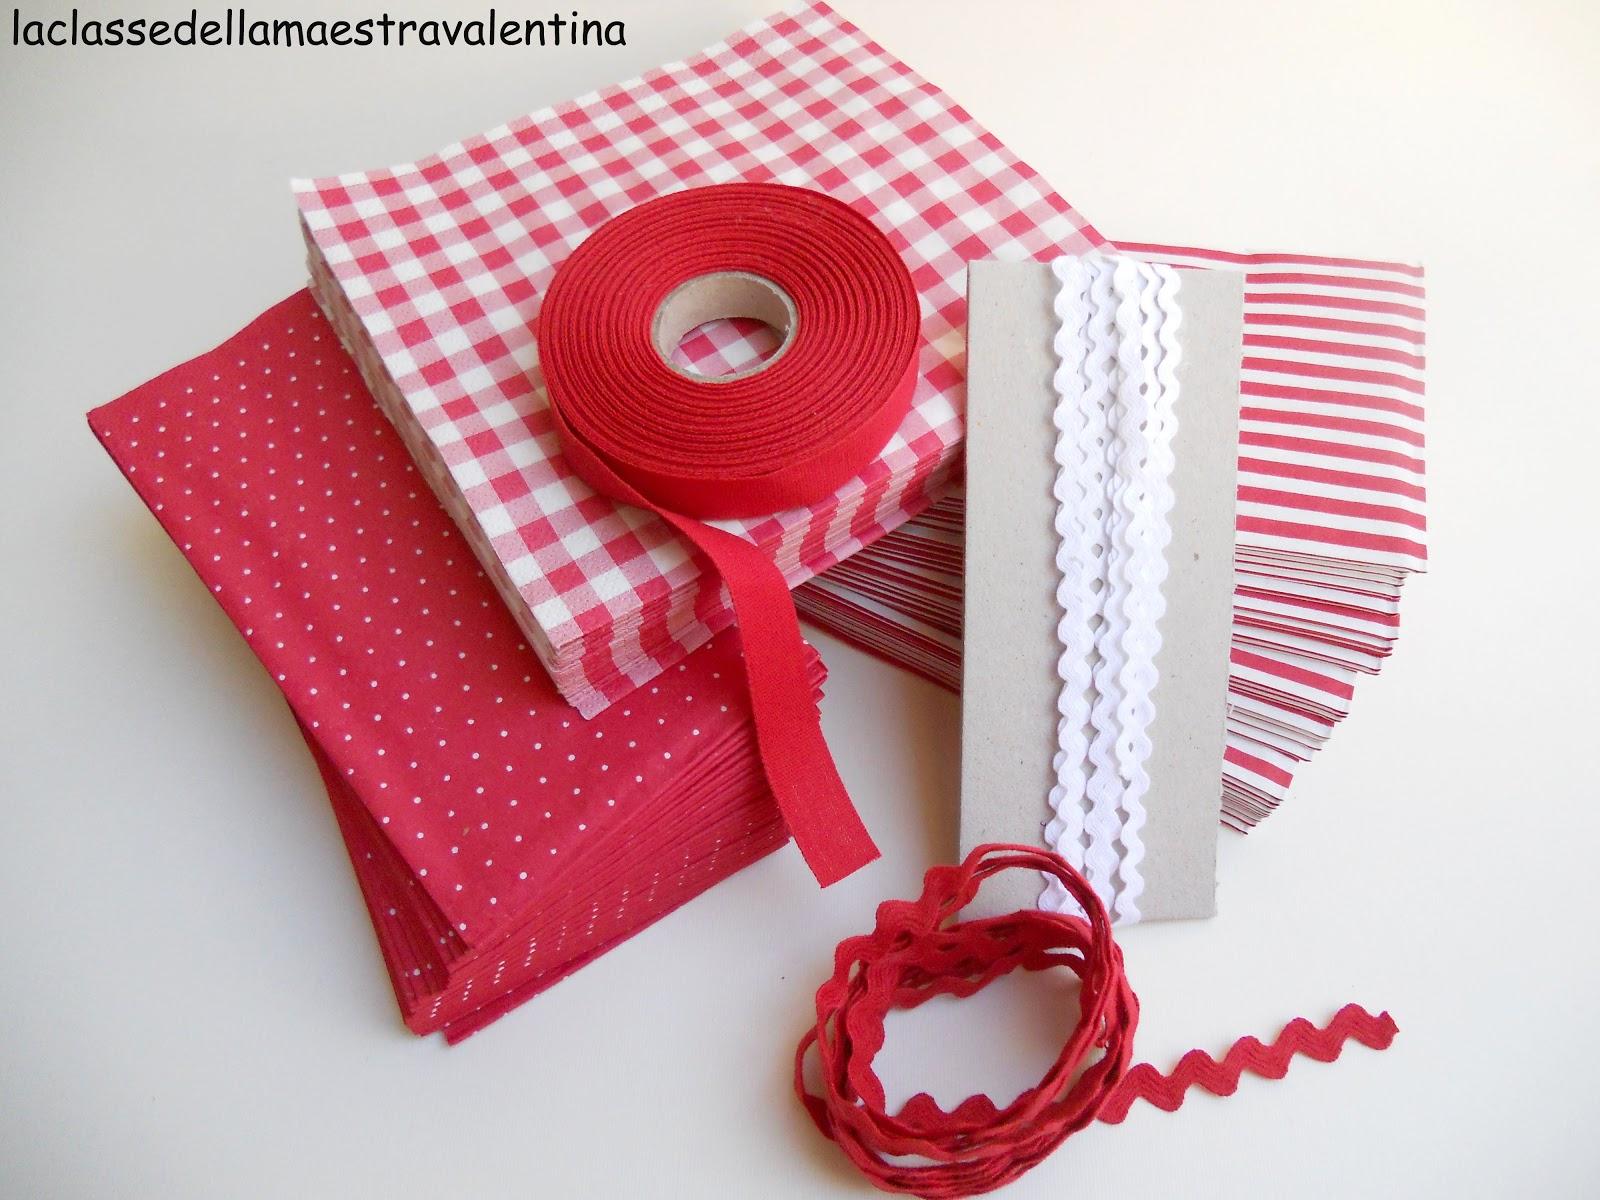 La classe della maestra valentina sacchettini bianchi e rossi for Addobbi natalizi per la classe